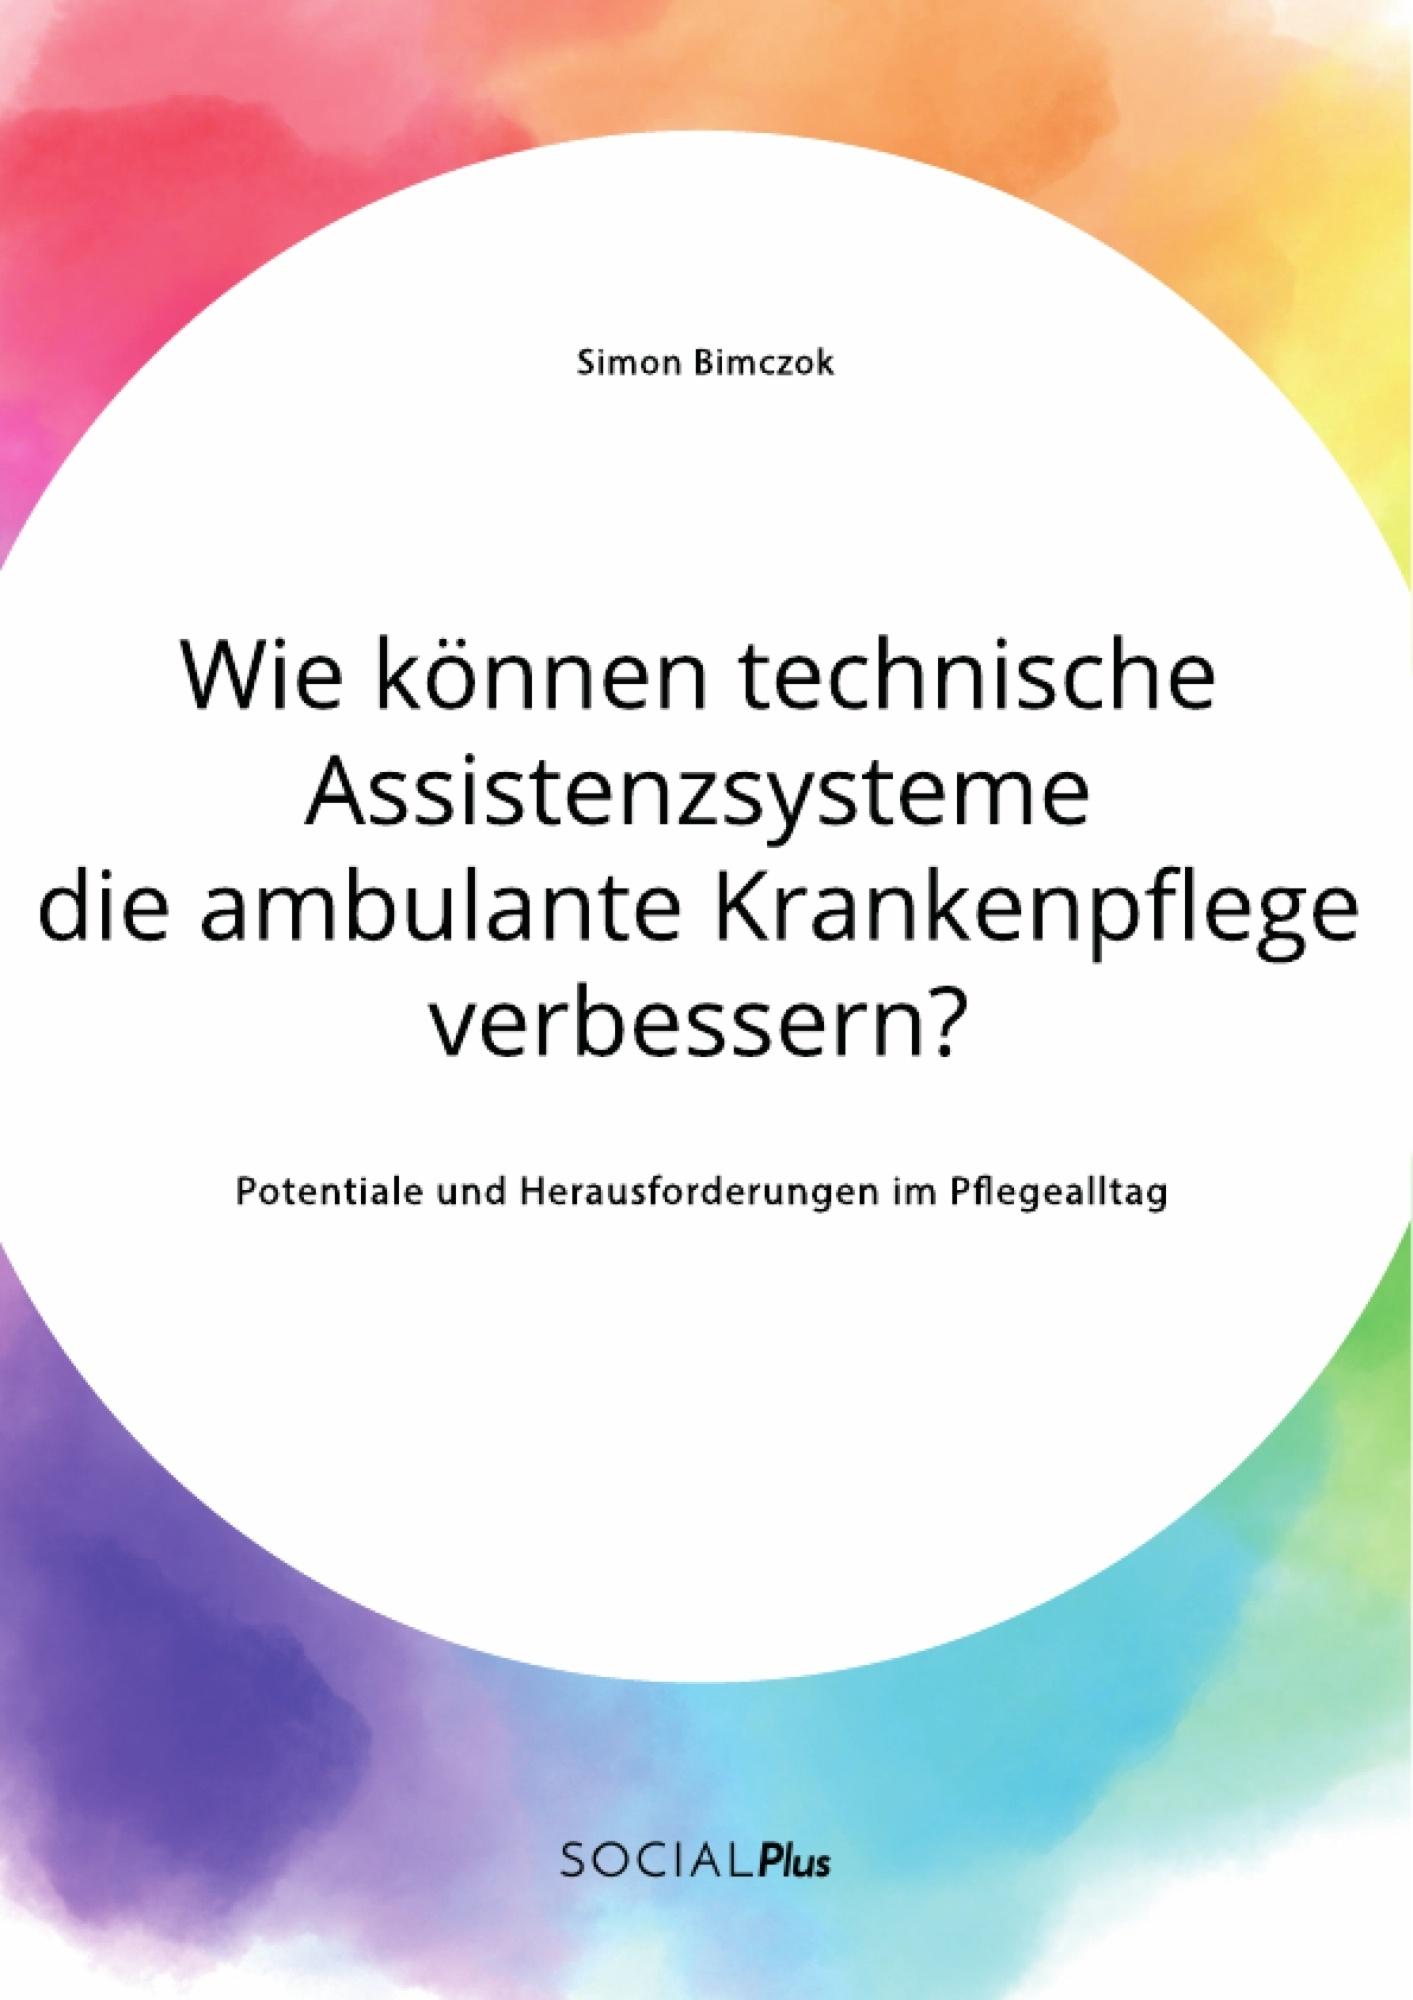 Titel: Wie können technische Assistenzsysteme die ambulante Krankenpflege verbessern? Potentiale und Herausforderungen im Pflegealltag